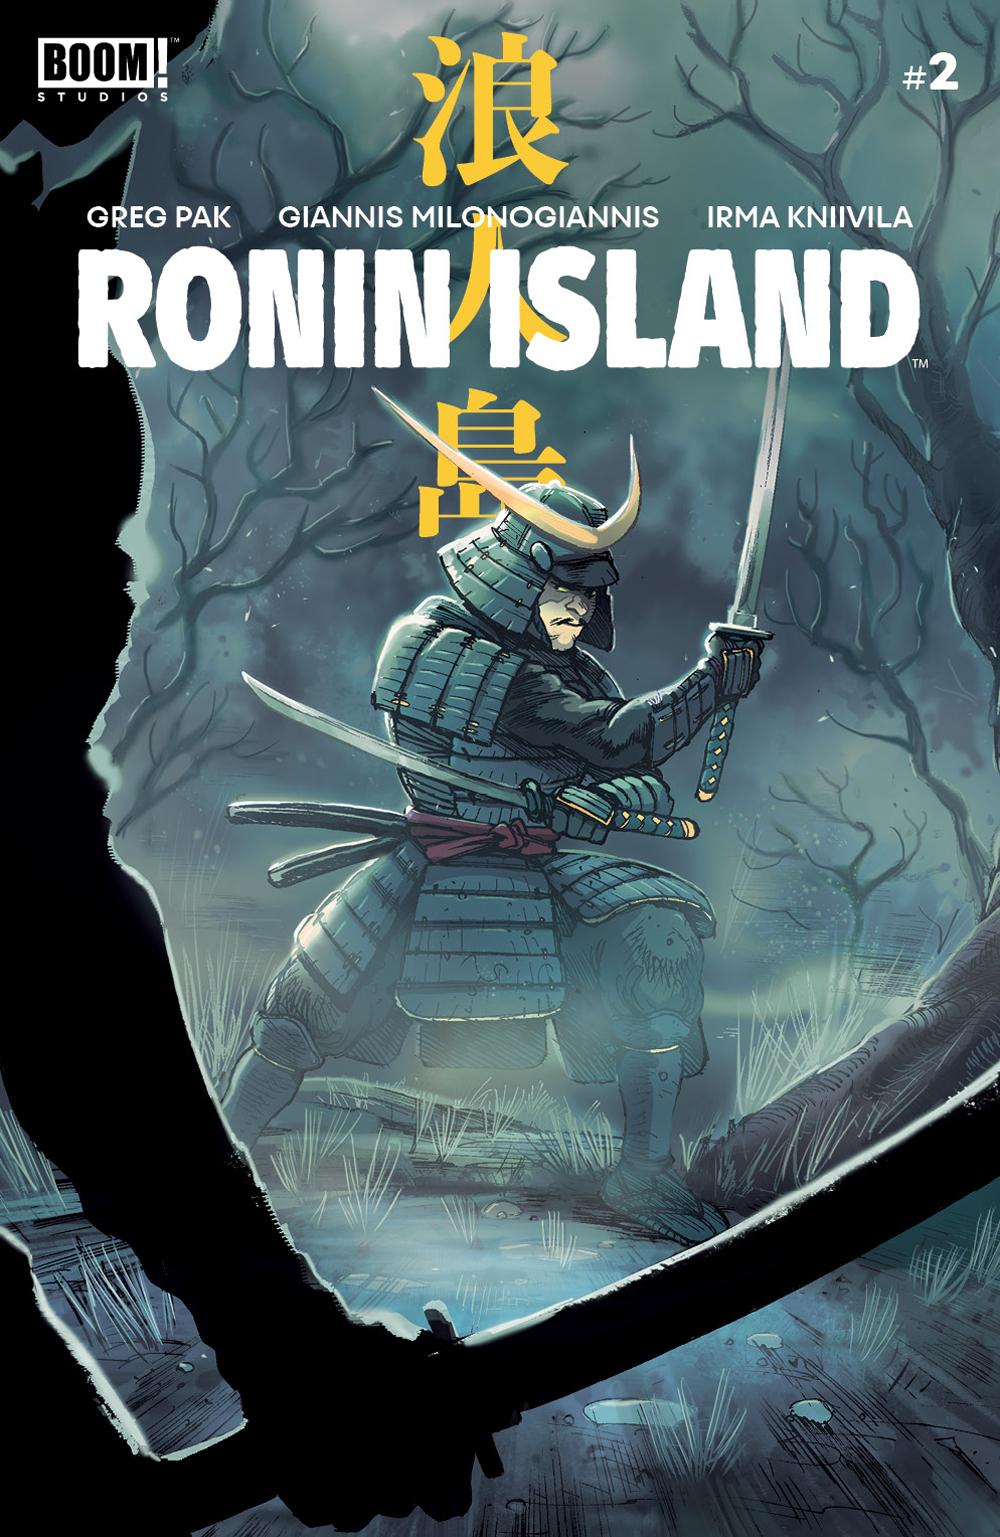 RONIN ISLAND #2 MAIN